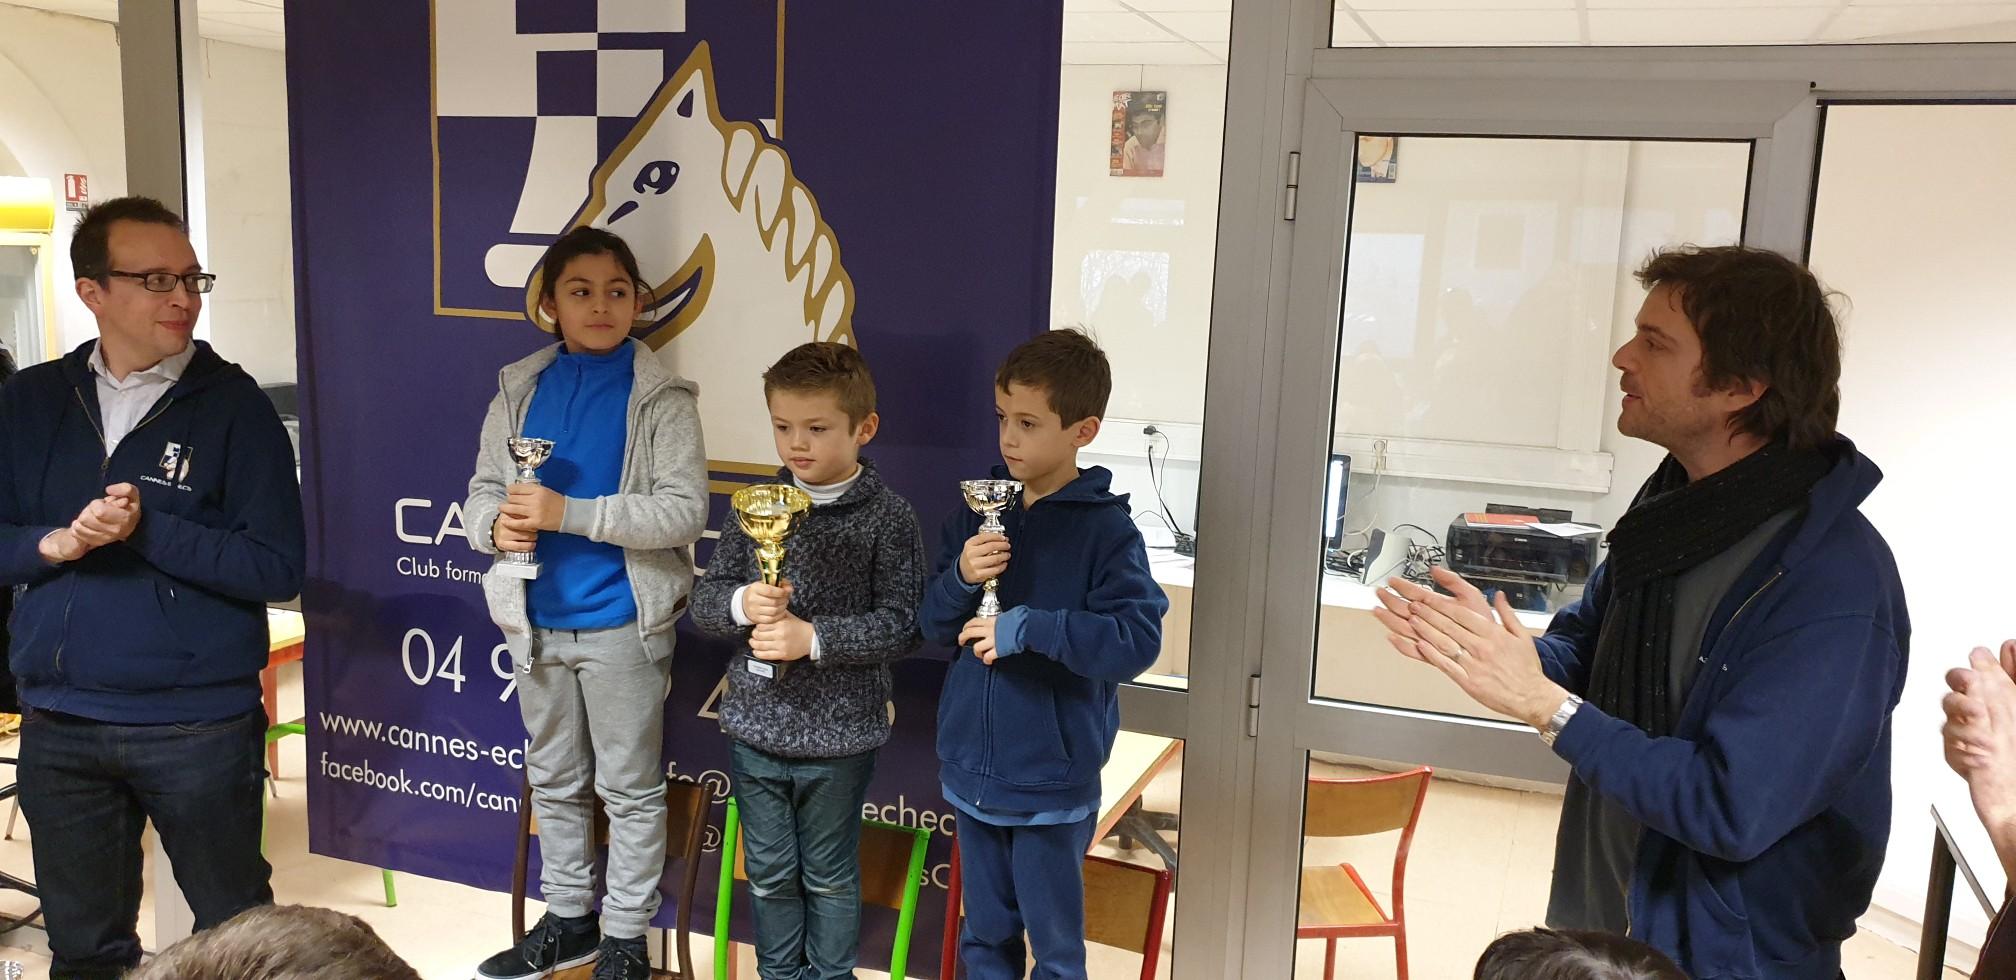 Ezekiel Magnan et Liam Tautil vainqueurs du Pico des Rois !